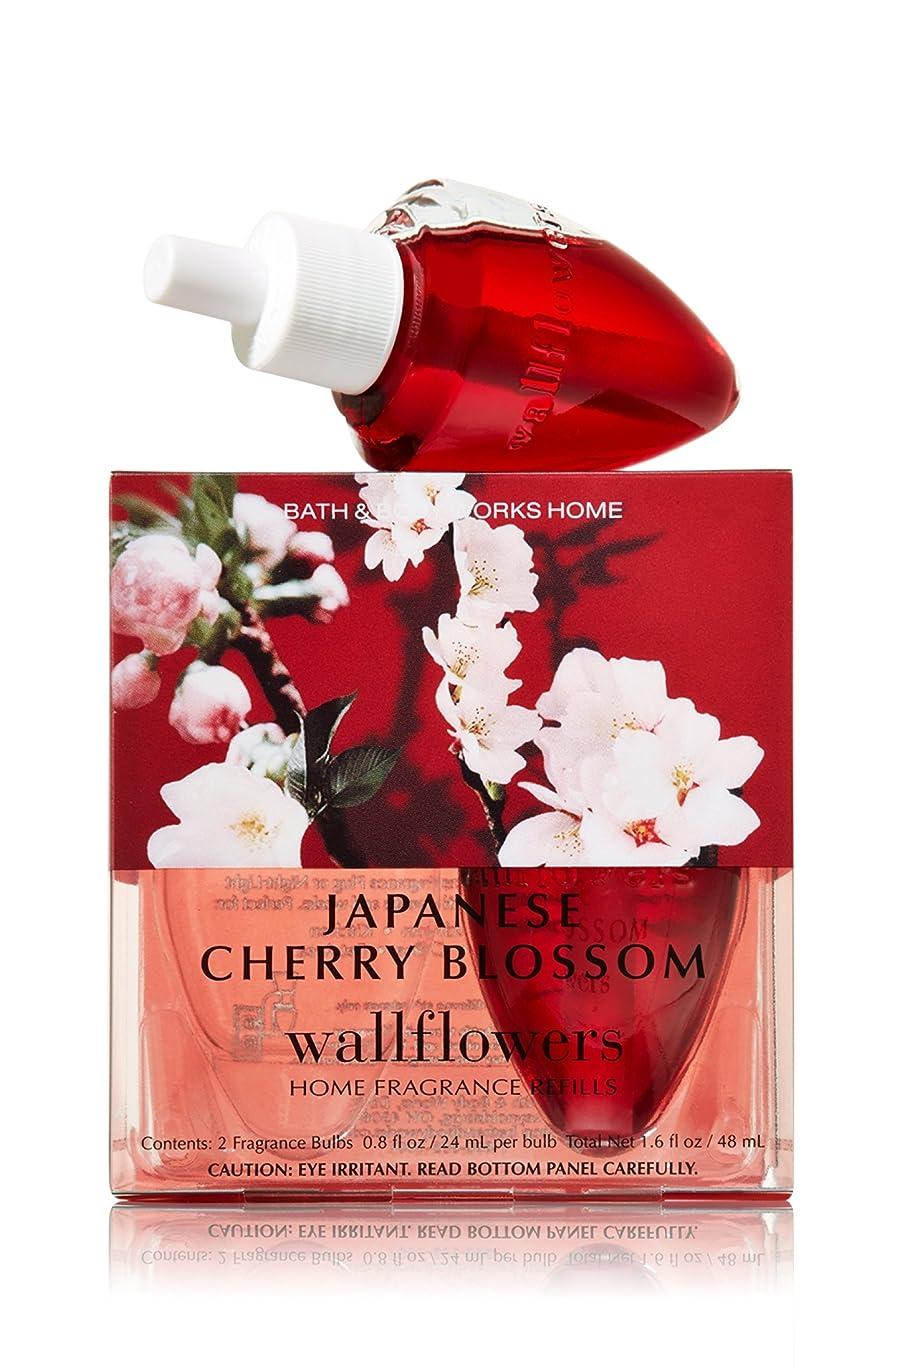 に対してハンドブックロッジ[Bath&Body Works] バス&ボディワークス ルームフレグランス ジャパニーズ チェリーブラッサム リフィル Wall Flowers Japanese Cherry Blossom Refill [海外直送品]